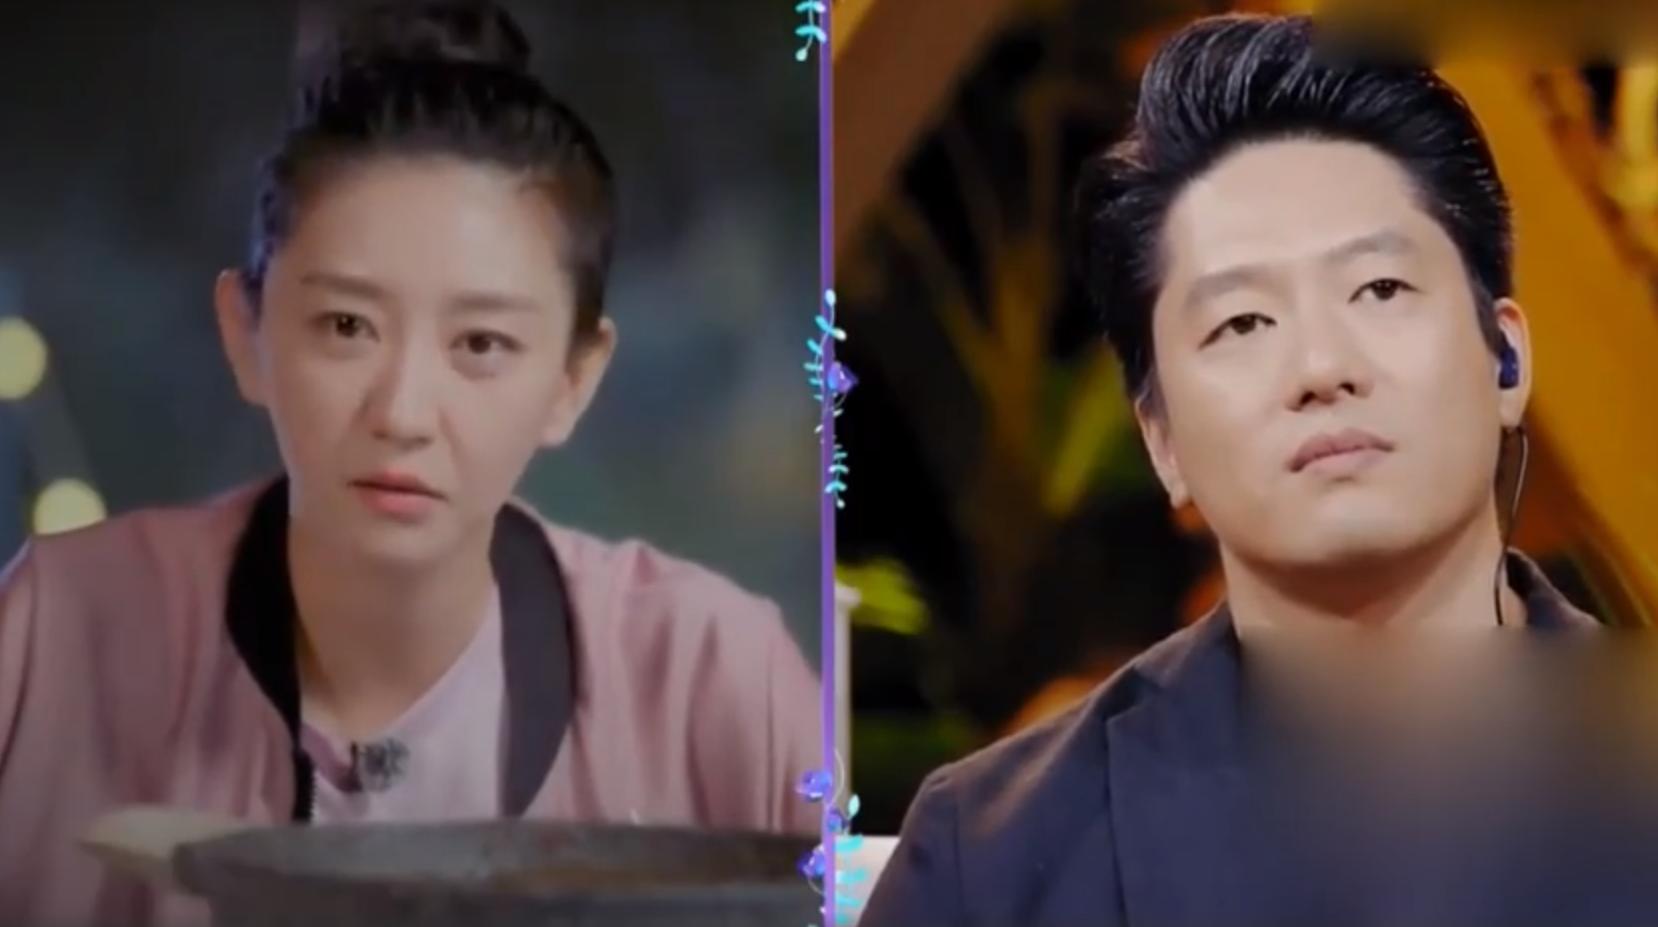 唐一菲拒演《甄嬛传》造就了蒋欣的华妃,发微博解释却被网友吐槽双商太低